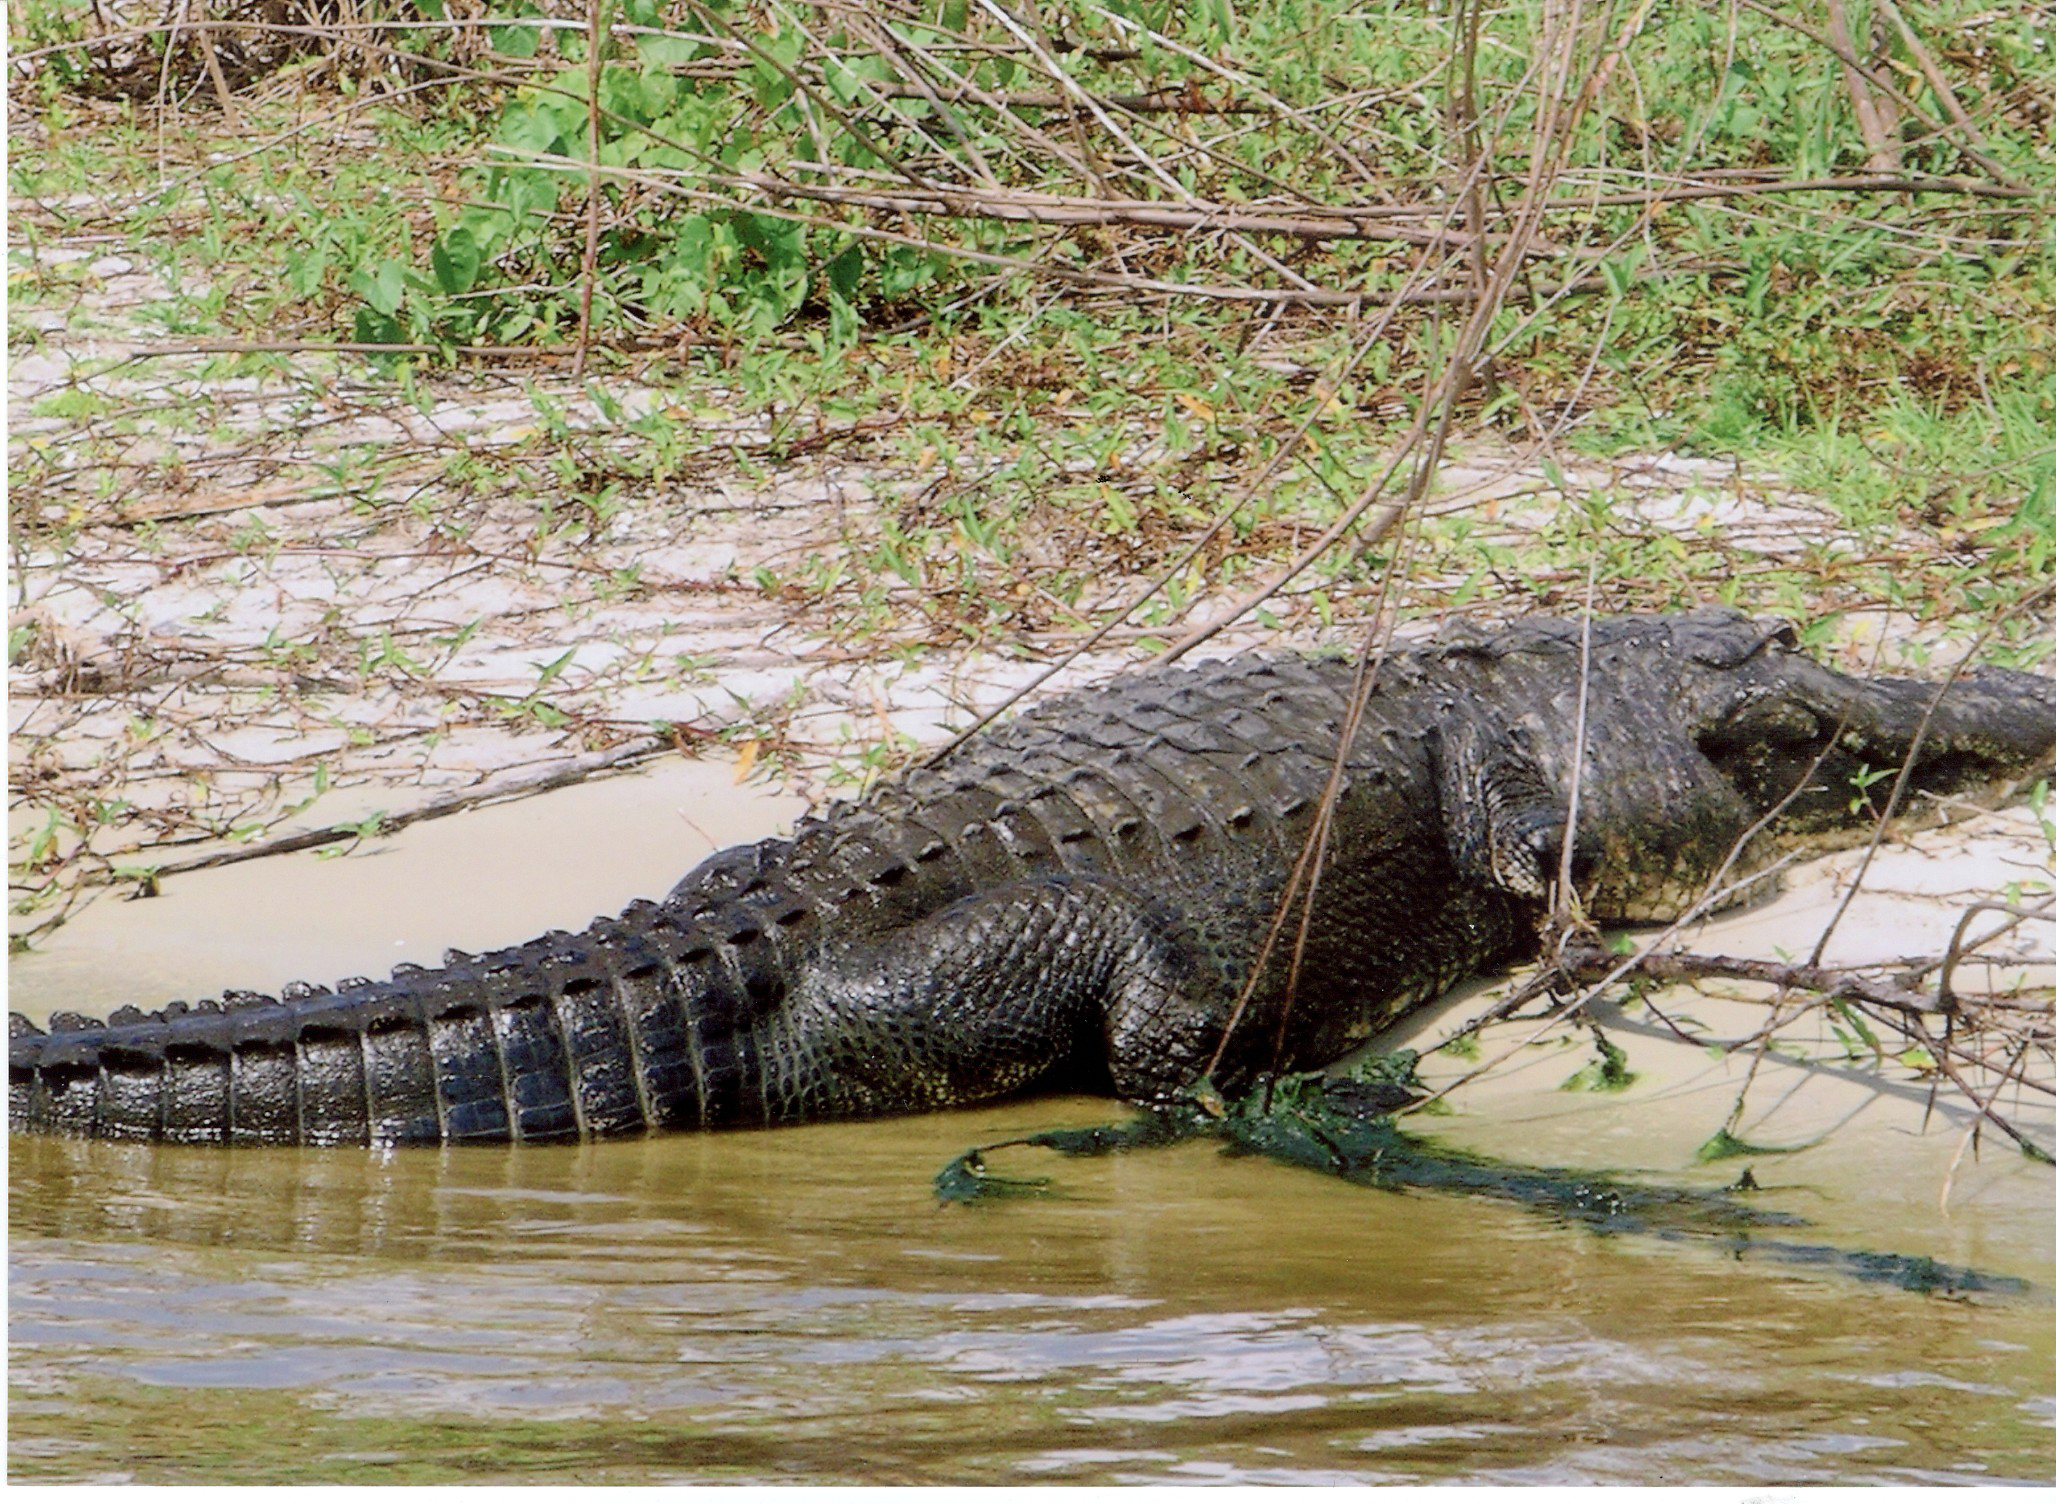 About the wildlife in lake okeechobee big o tours for Lake okeechobee fishing